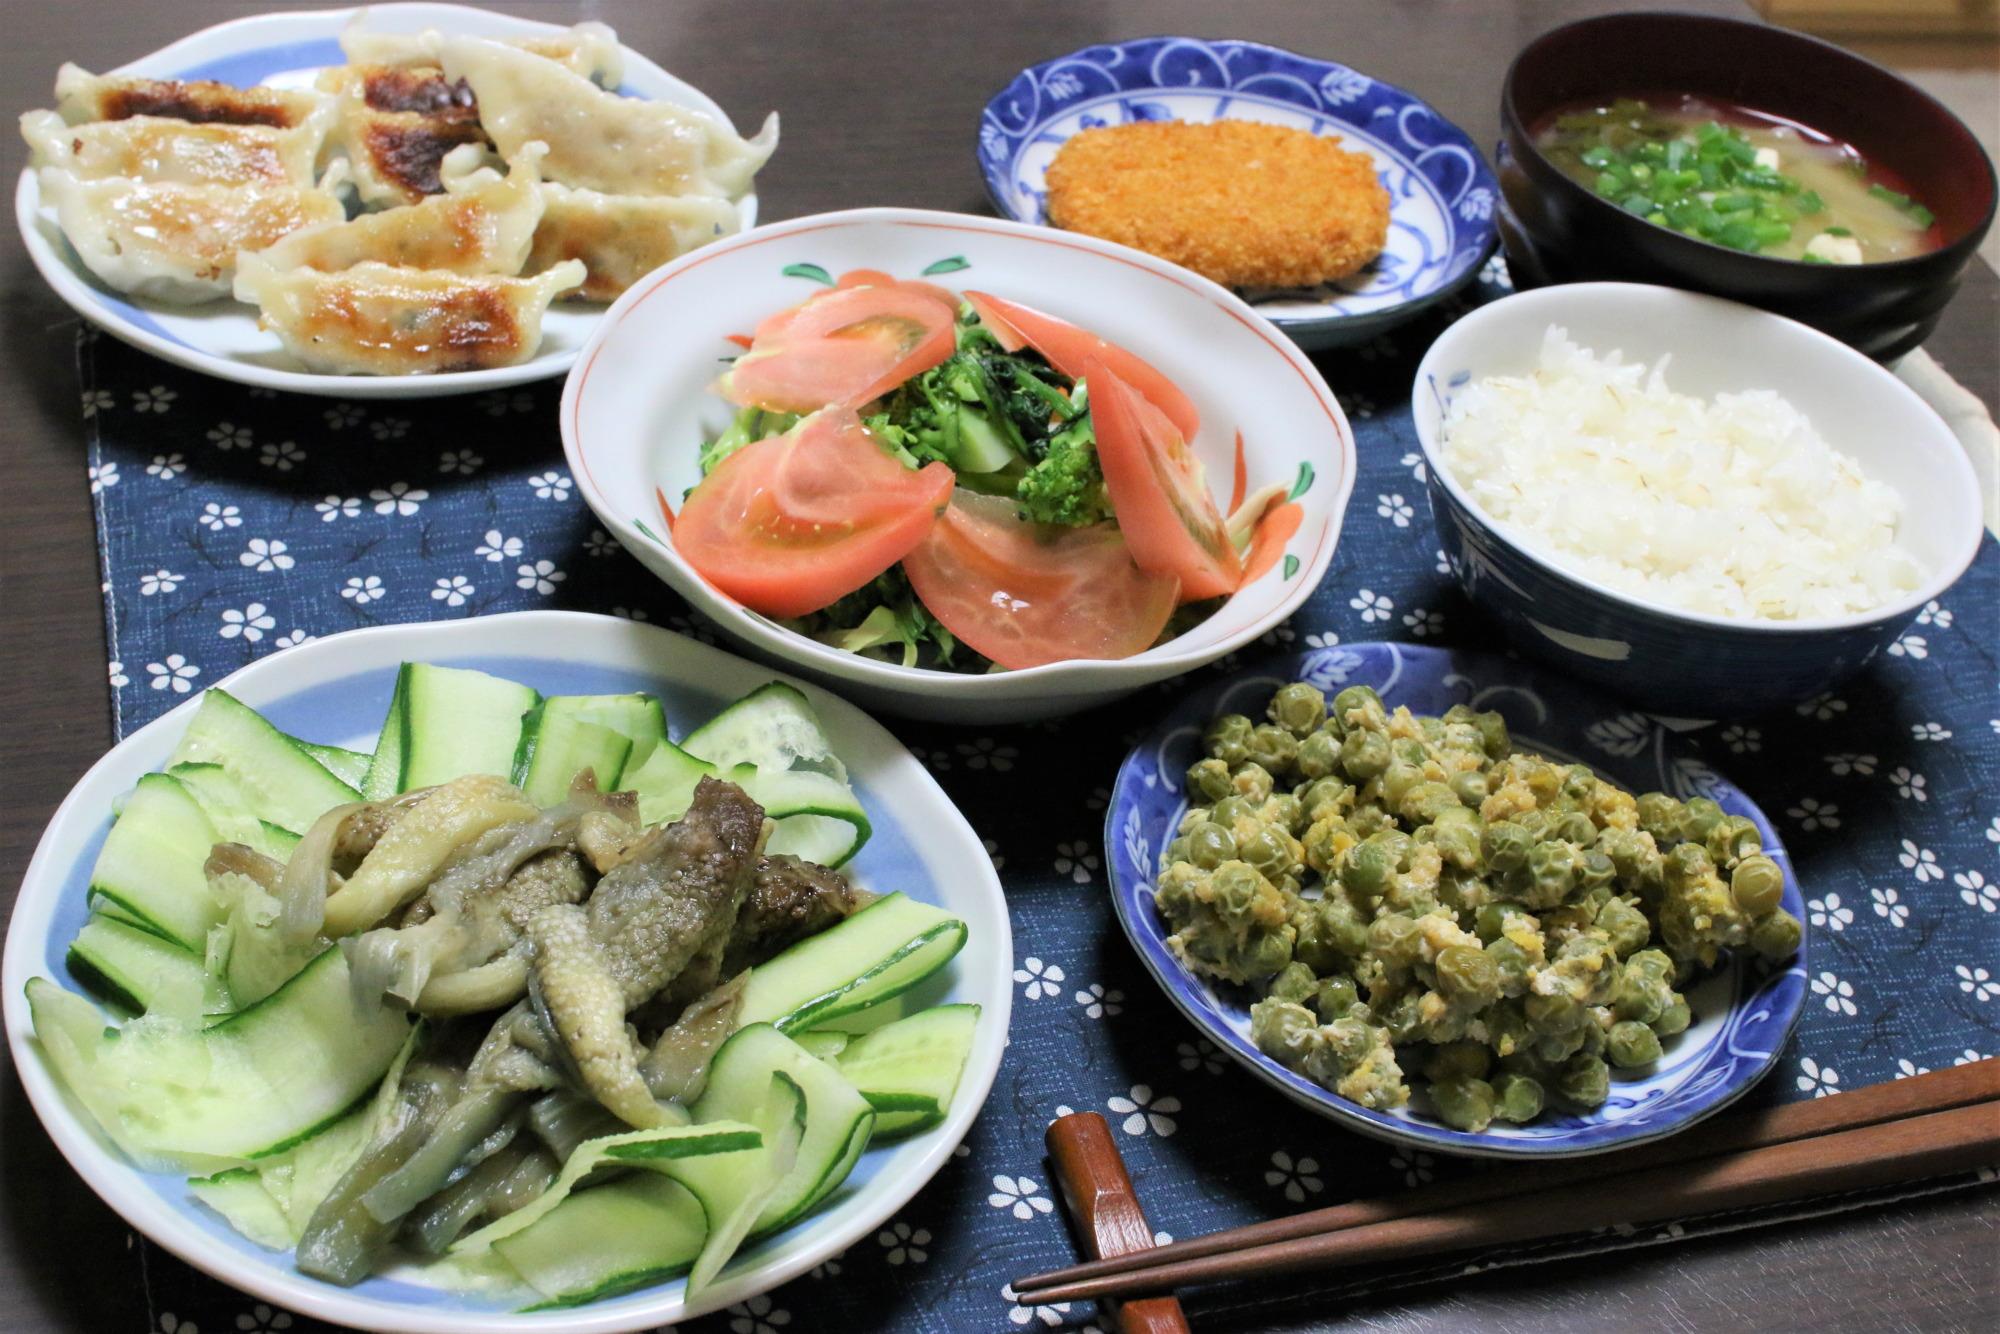 きゅうりとナスのサラダ、緑豆とたまごの煮物など野菜三種と、味の素冷凍ギョーザのメニュー